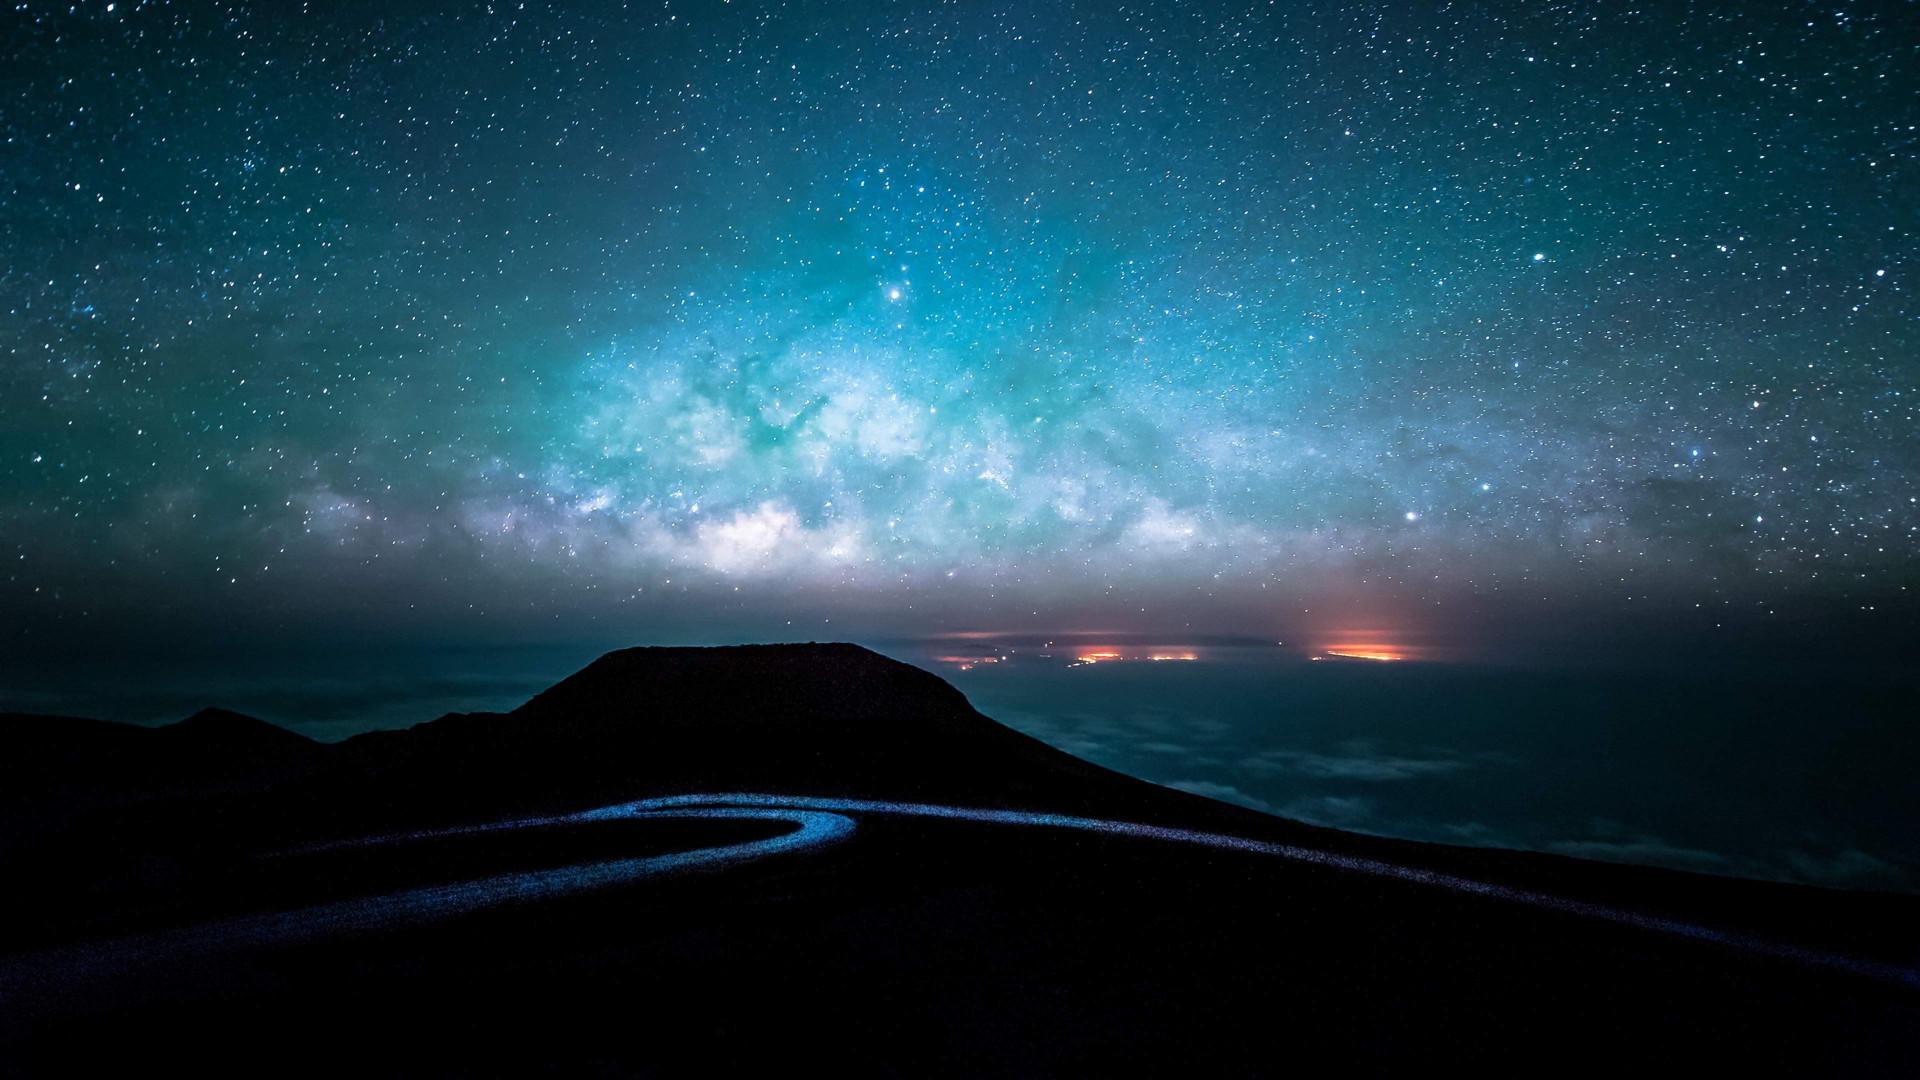 Ảnh bầu trời đêm đầy sao đẹp lung linh